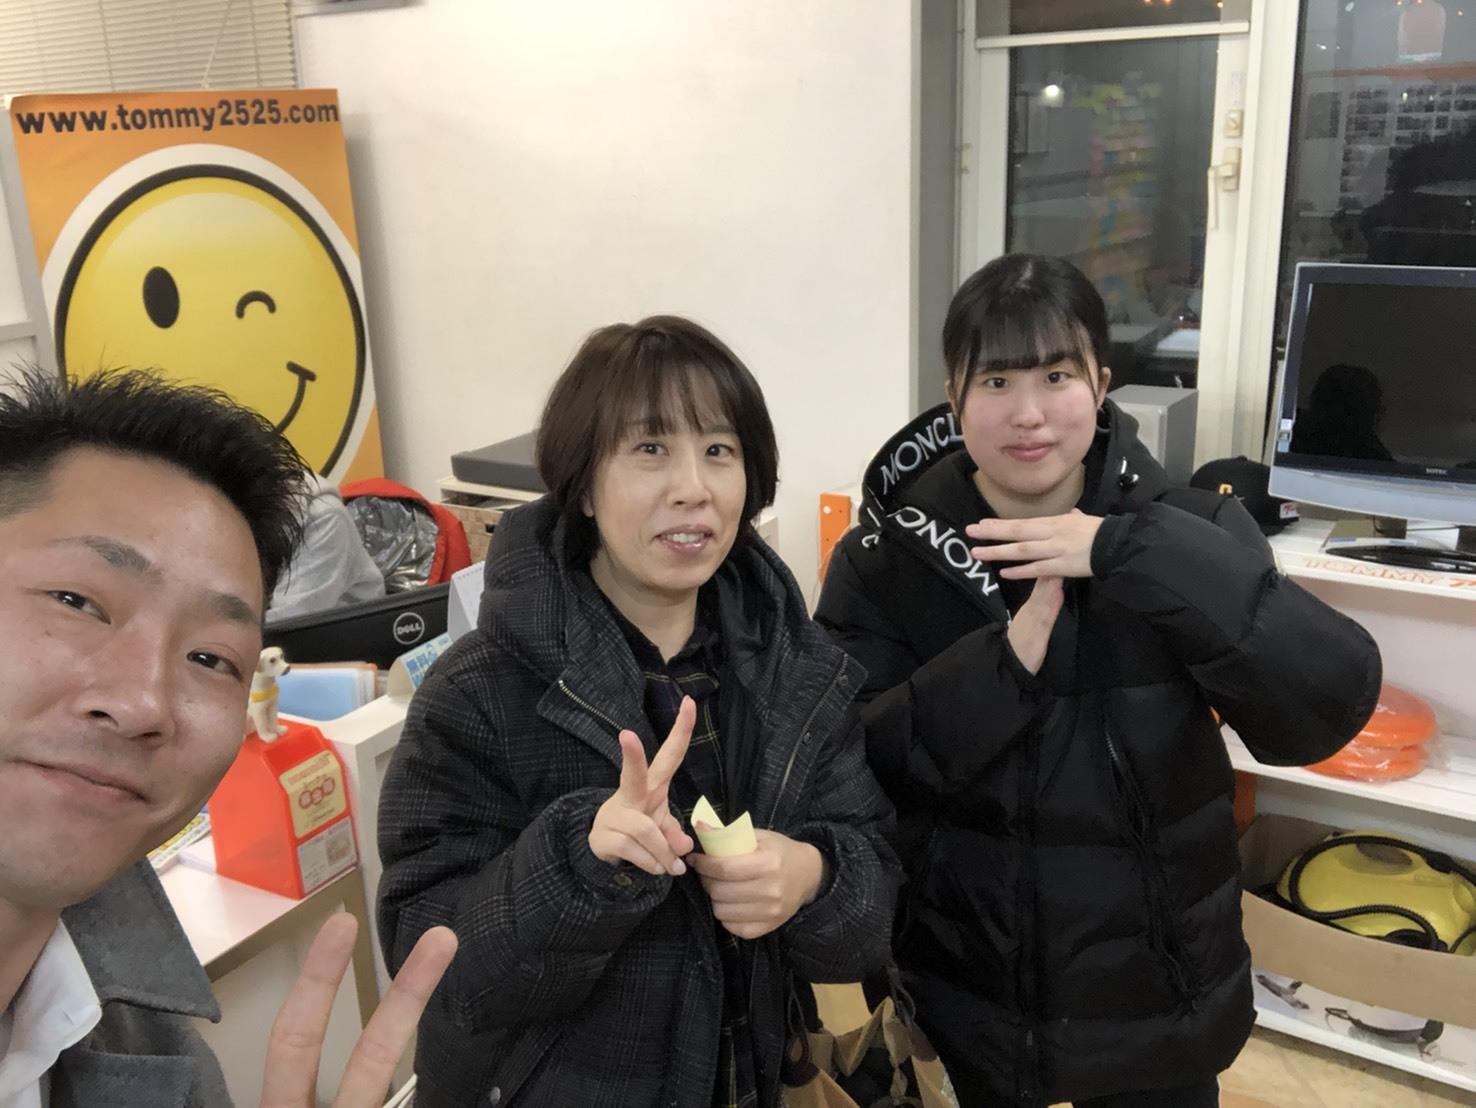 1月28日(火)☆TOMMYアウトレット☆あゆブログ٩(●˙▿˙●)۶ 初売りプライスは月末まで!!_b0127002_18562977.jpg